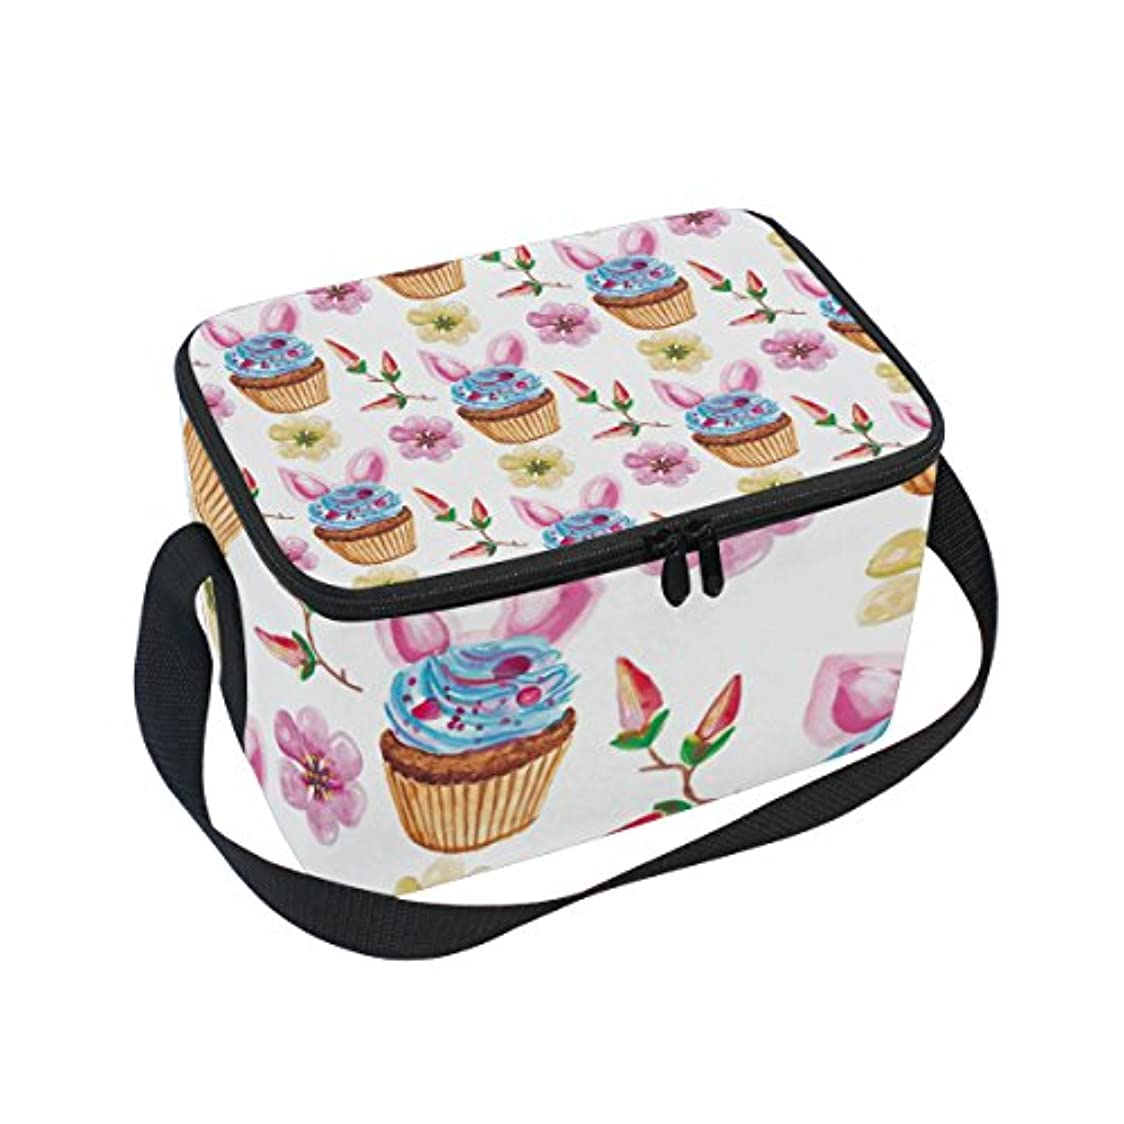 和らげる精神フィッティングクーラーバッグ クーラーボックス ソフトクーラ 冷蔵ボックス キャンプ用品 ケーキ柄 保冷保温 大容量 肩掛け お花見 アウトドア